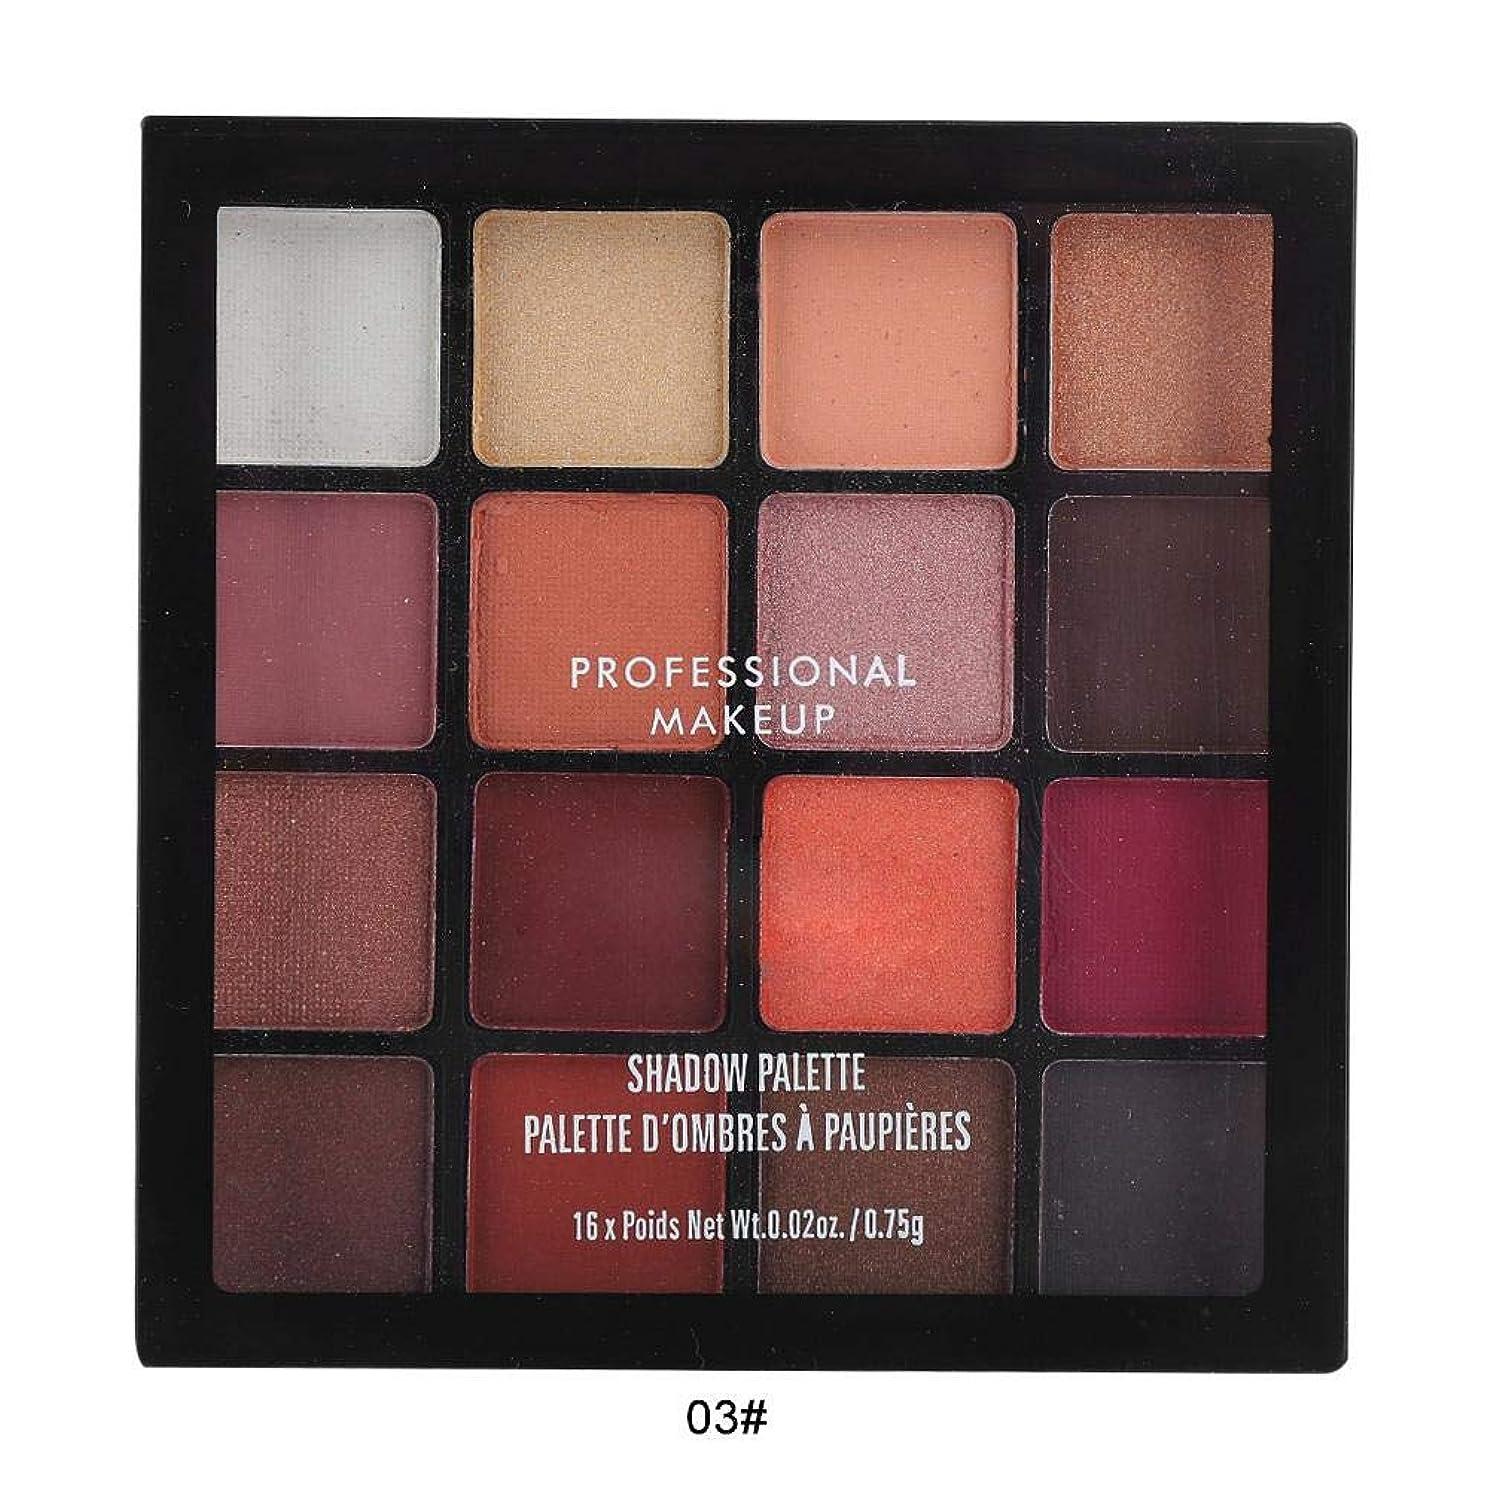 弱まる平等視力16色アイシャドウパレット、アイシャドウパレット化粧マットグロスアイシャドウパウダー化粧品ツール (03)